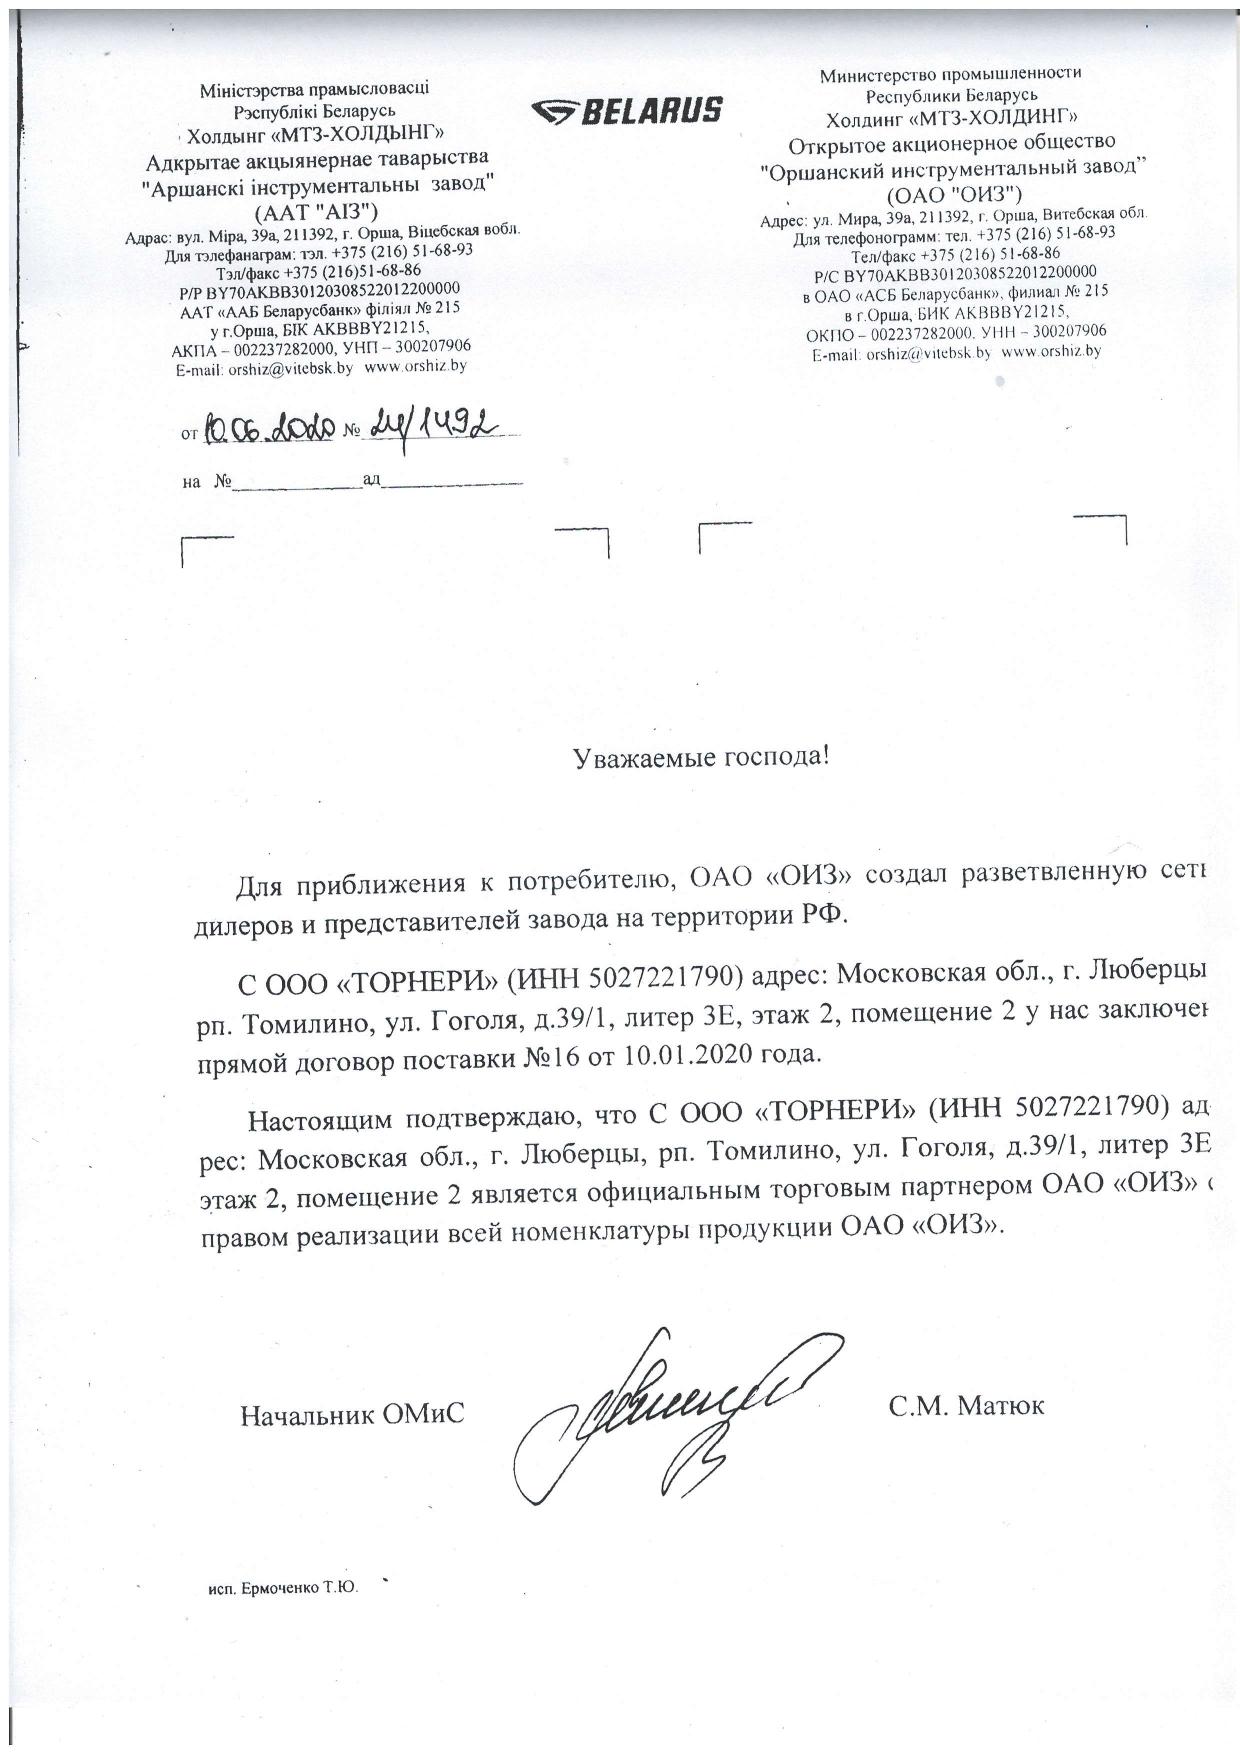 Сертификат дистрибьютора Оршанский инструментальный завод. Беларусь